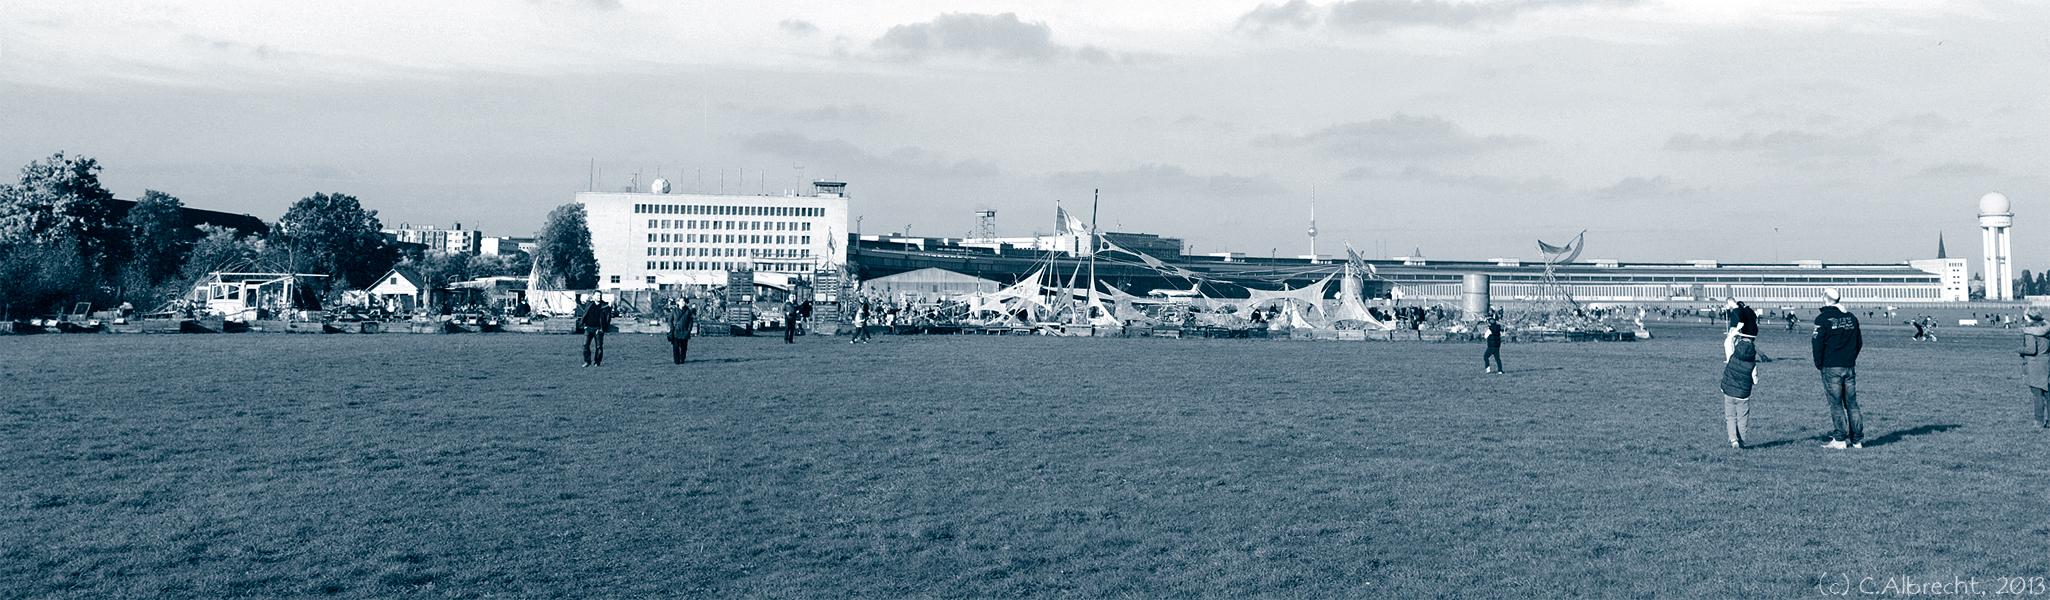 Erste Eindrücke vom westlichen Tempelhofer Feld